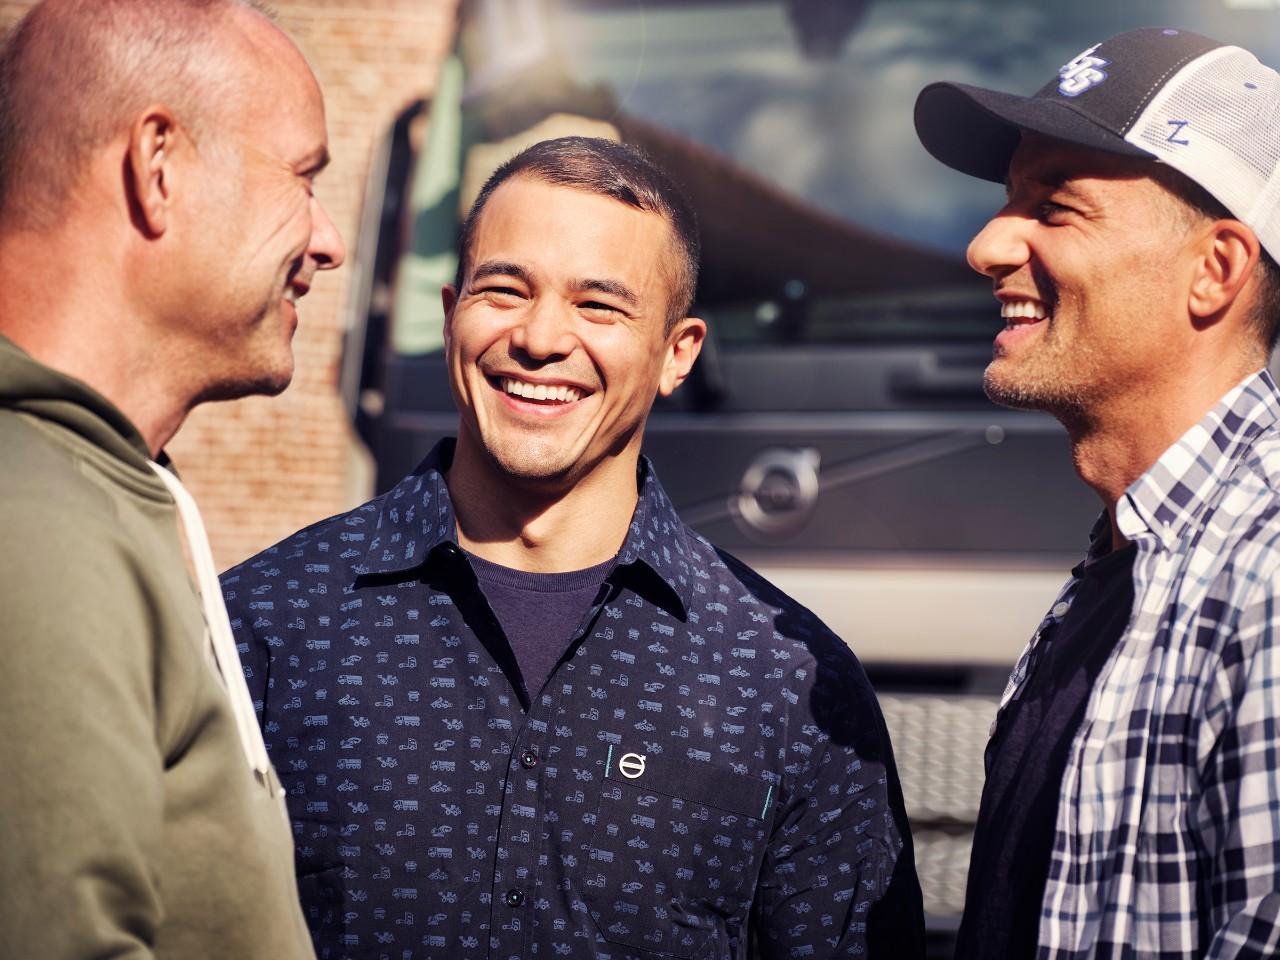 Nahaufnahme von drei Männern, die lächelnd vor einem Volvo-Lkw stehen